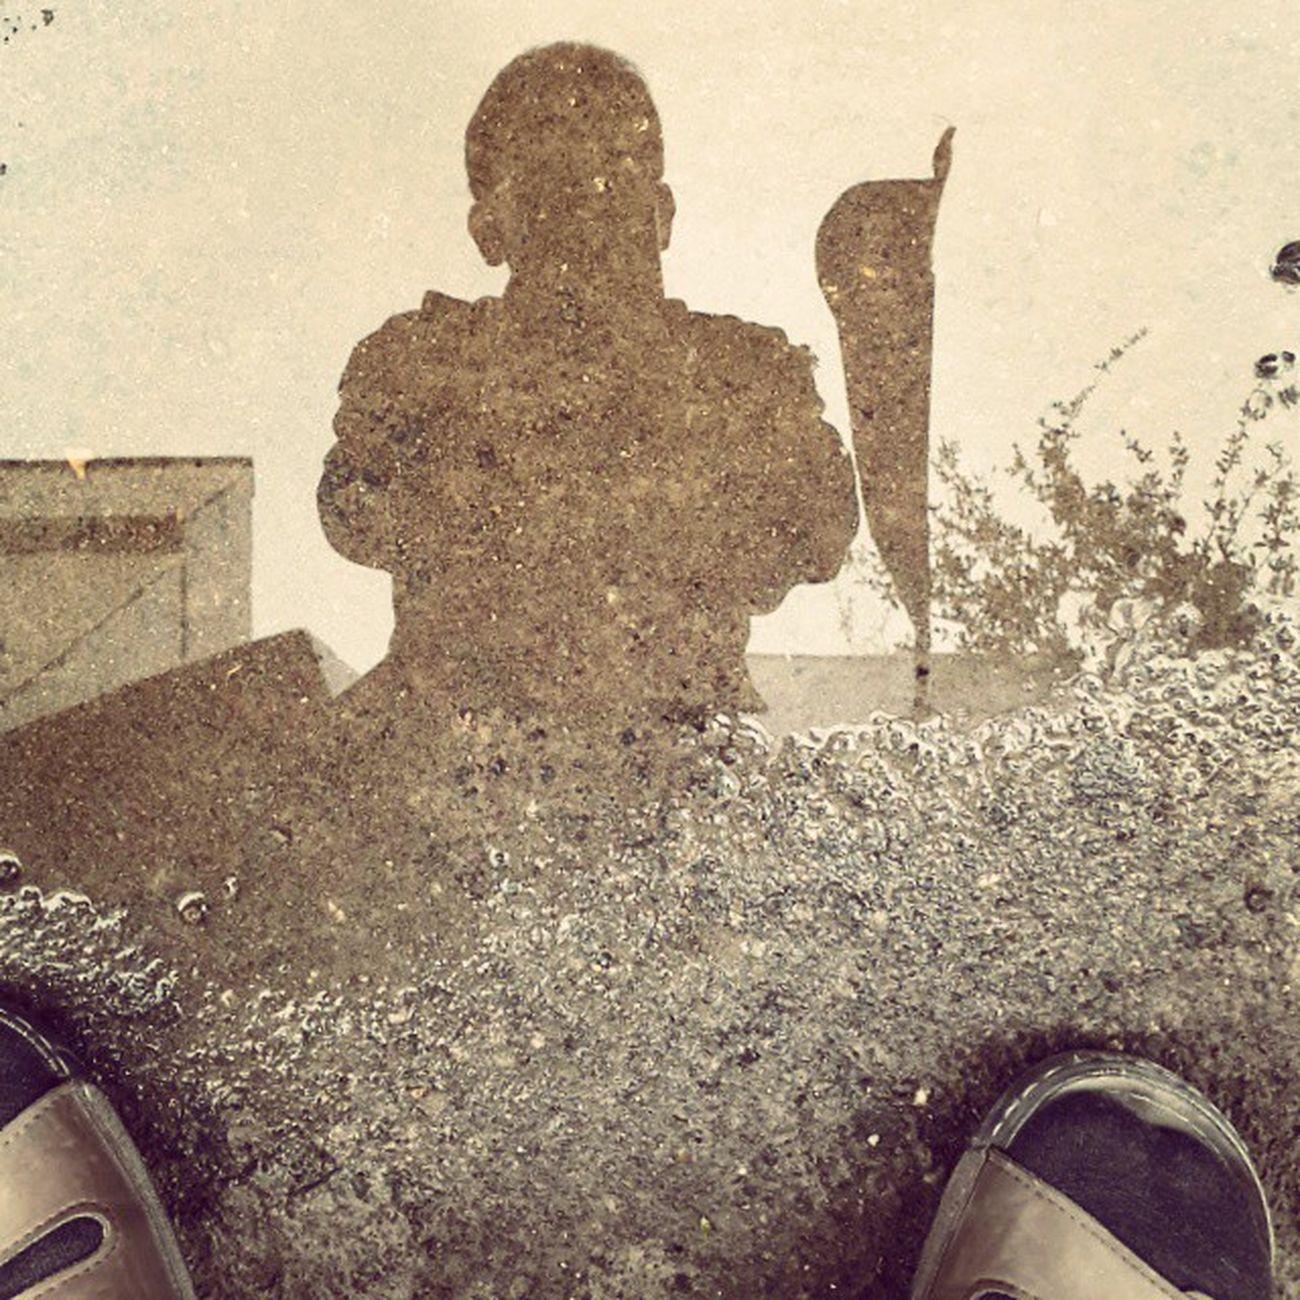 . دیگه فکر کنم باید کفش بخرم امروز معطل شدم که بارون بند بیاد . . پ.ن: سندل عزیز، تو همیشه در قلب من جای داری